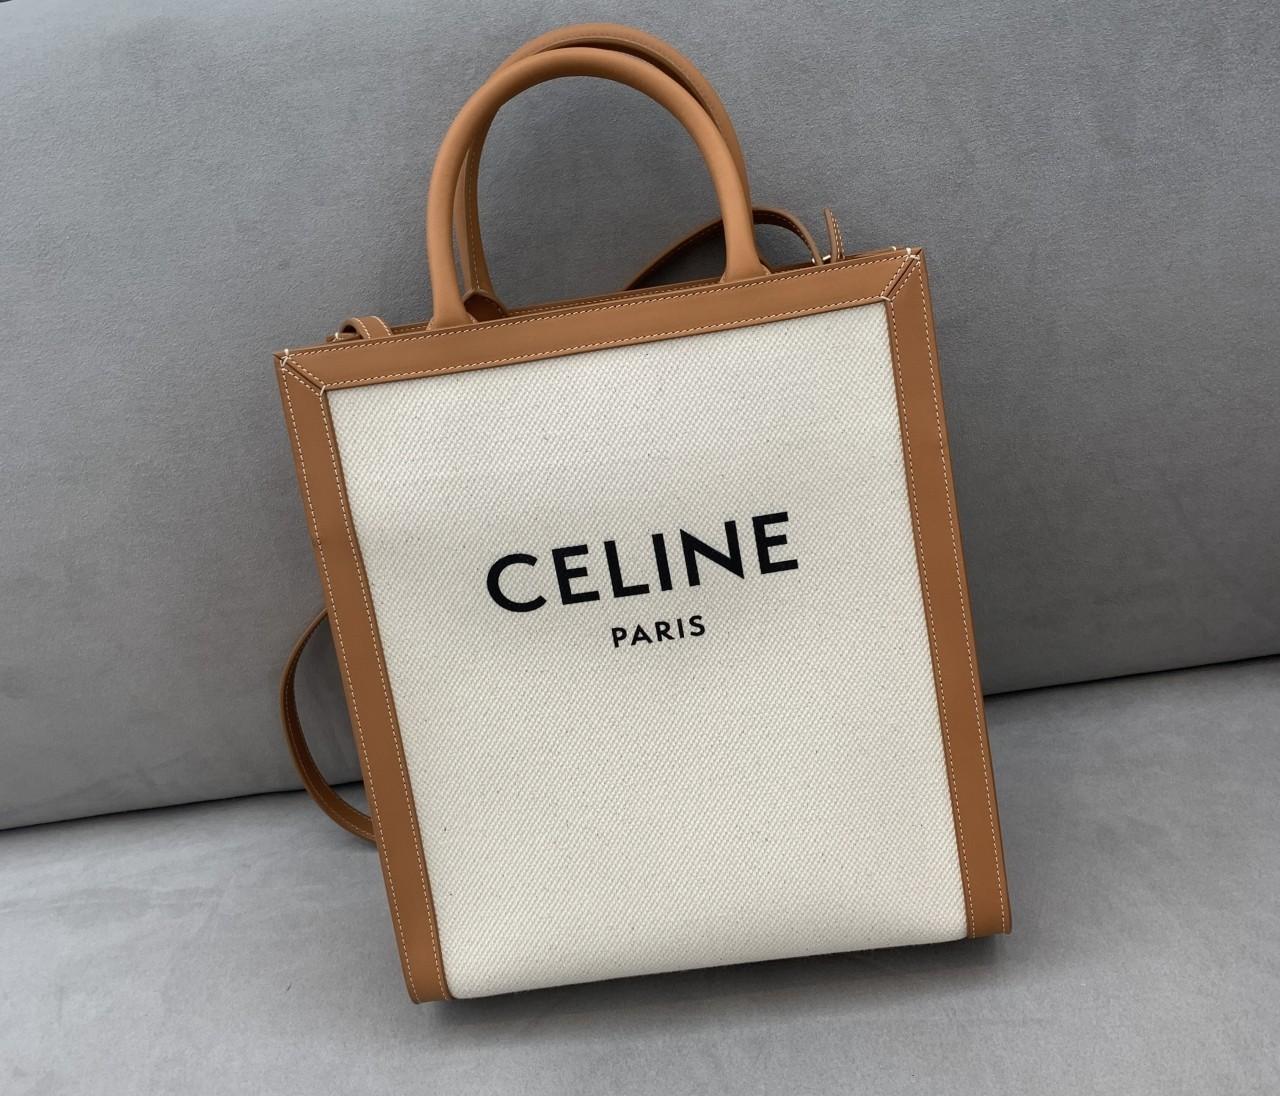 【CELINE】本命春バッグは「ブランドロゴトート」